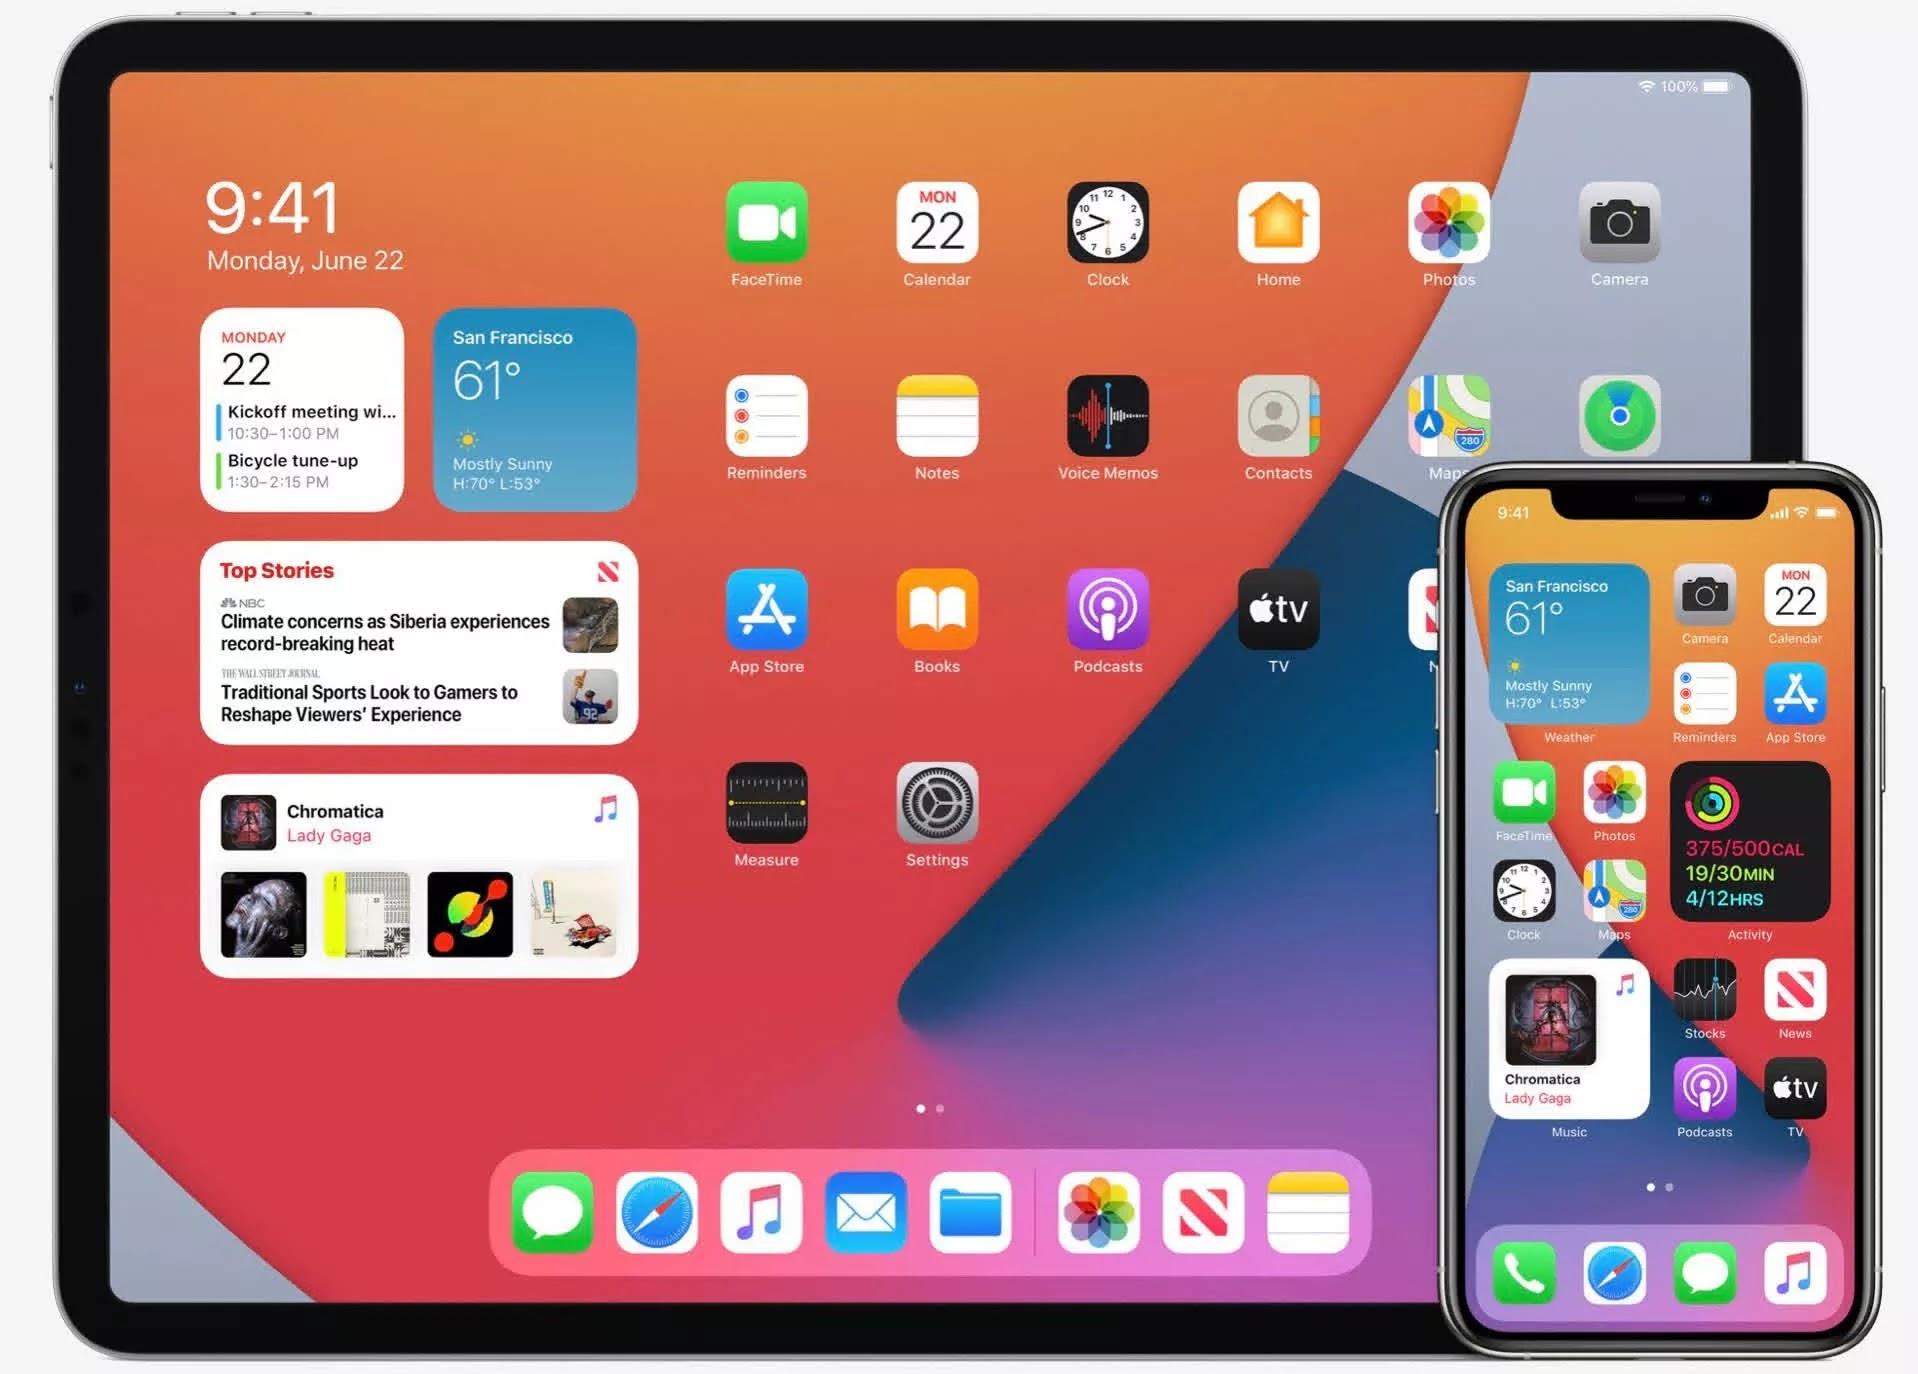 Các sản phẩm của Apple được chụp cùng thời gian trên đồng hồ là có lý do.